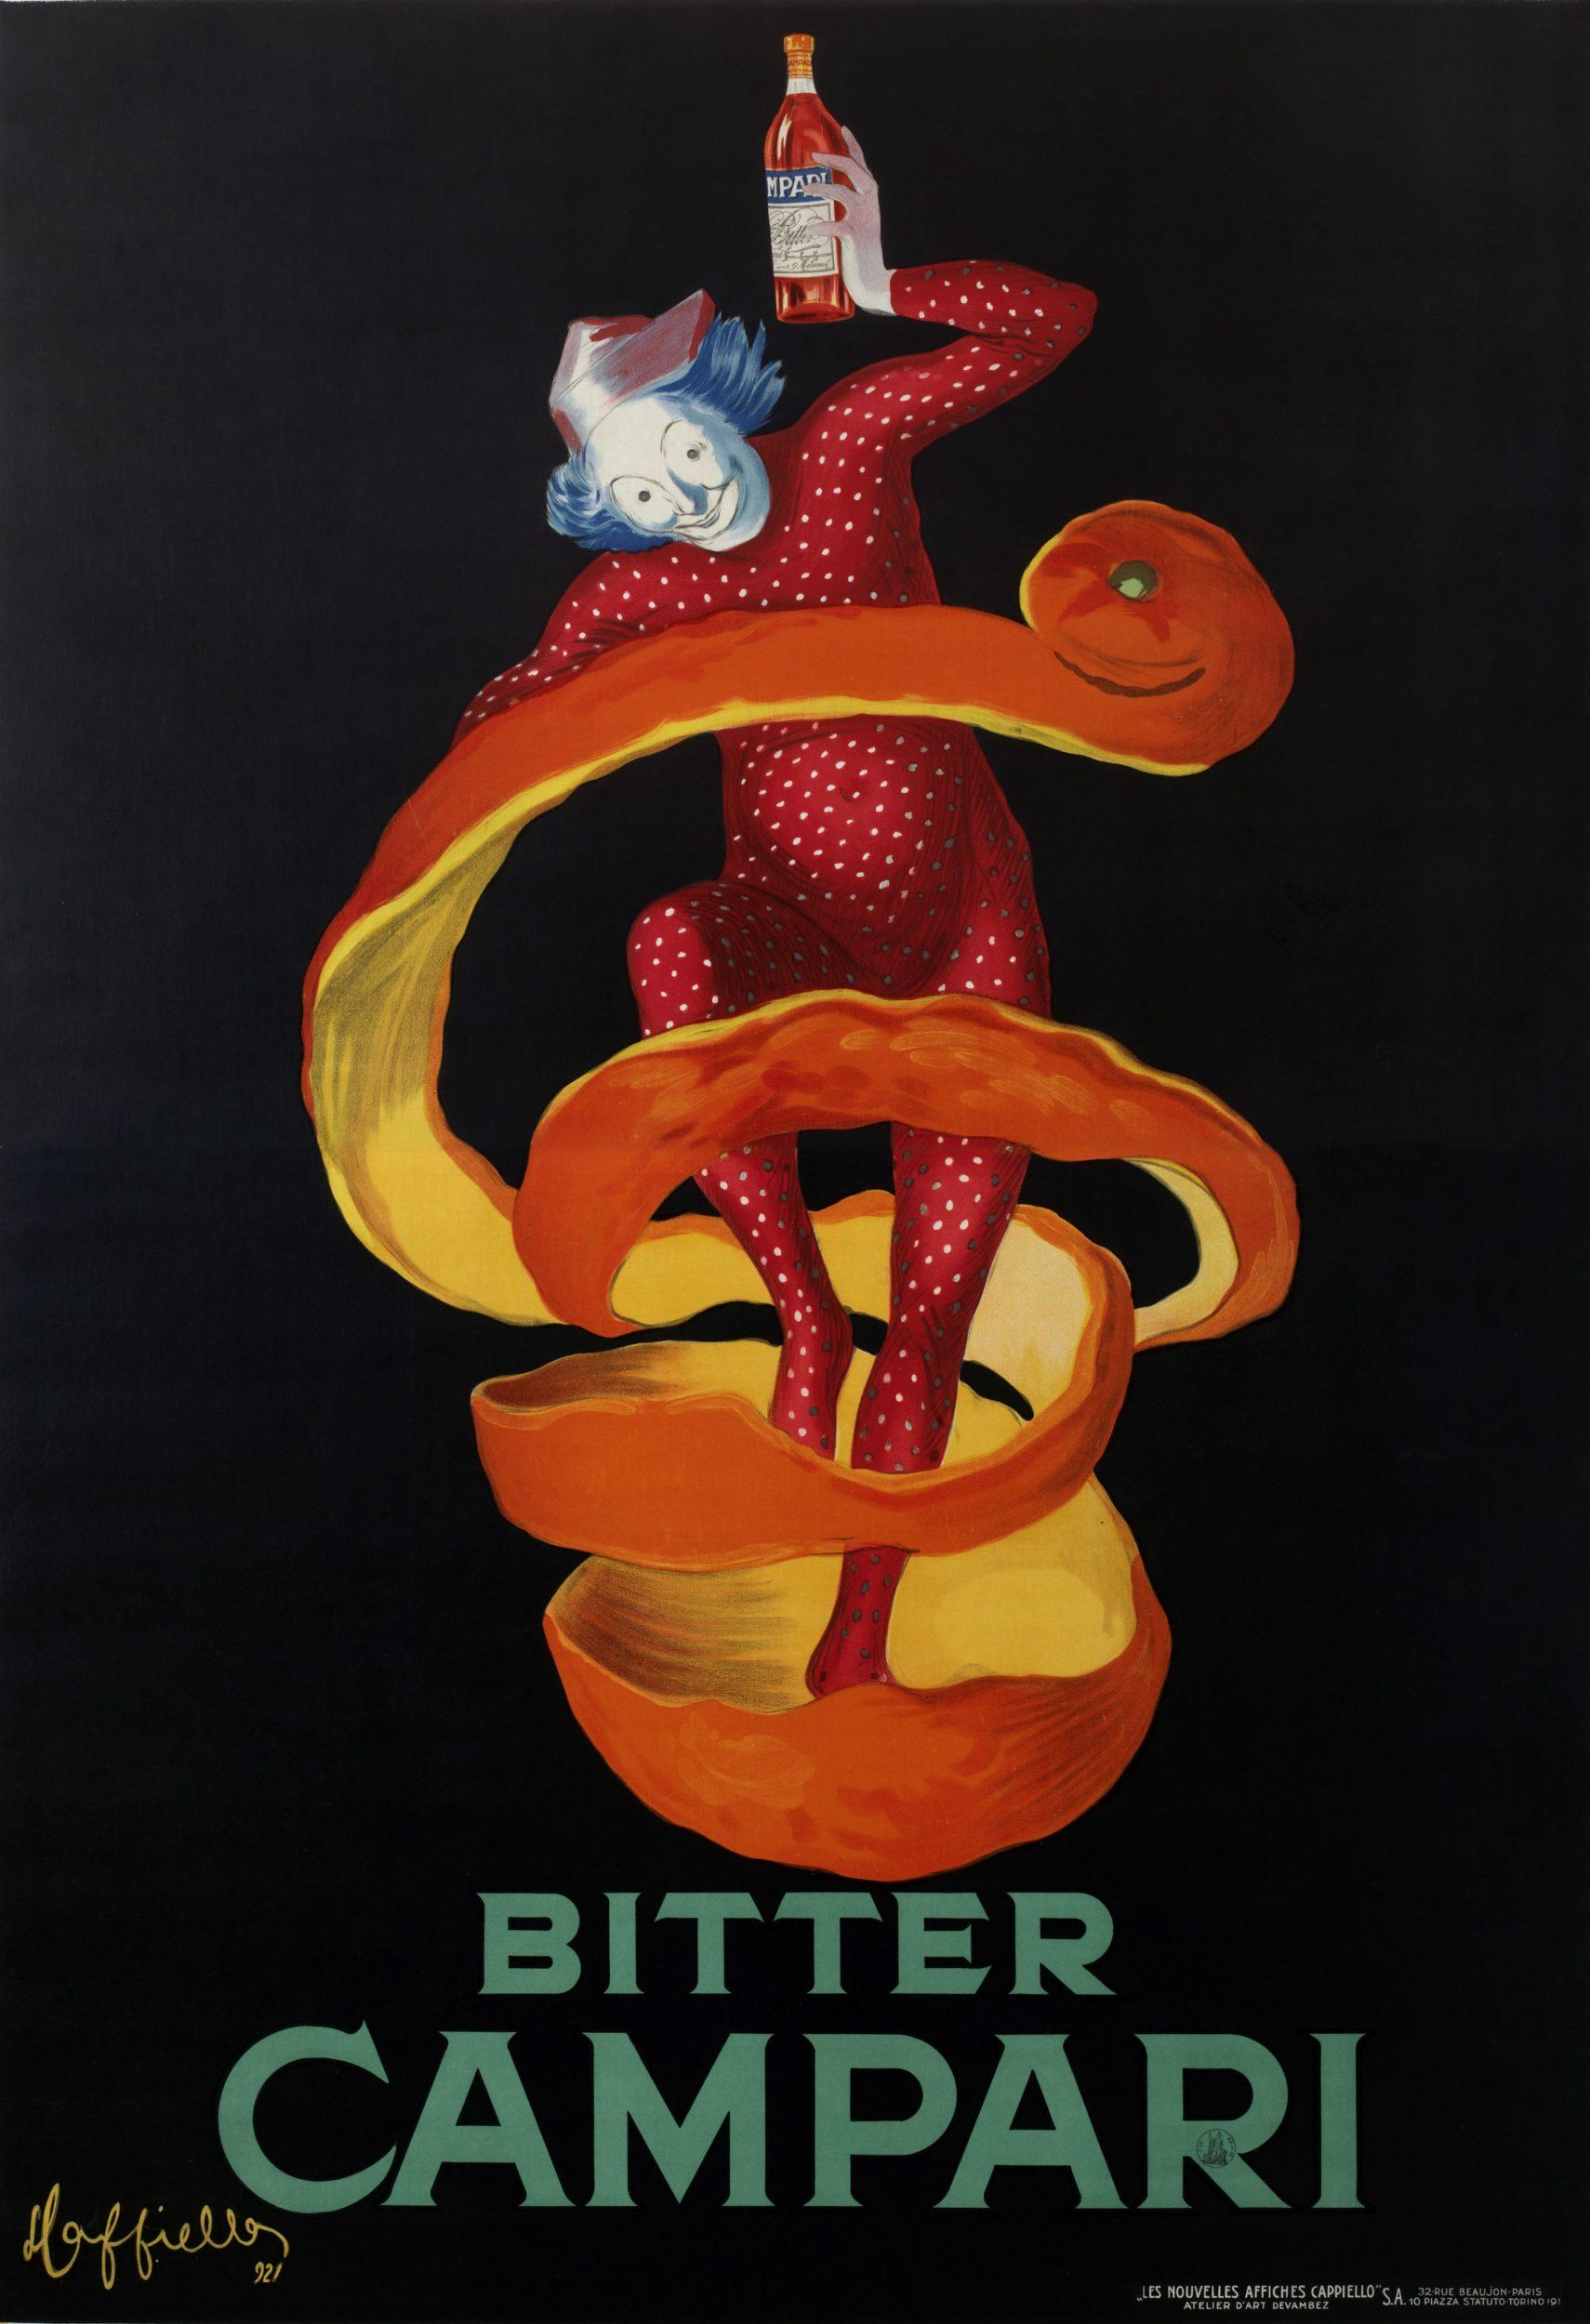 Bitter Campari – The Sprite, 1921. Leonetto Cappiello